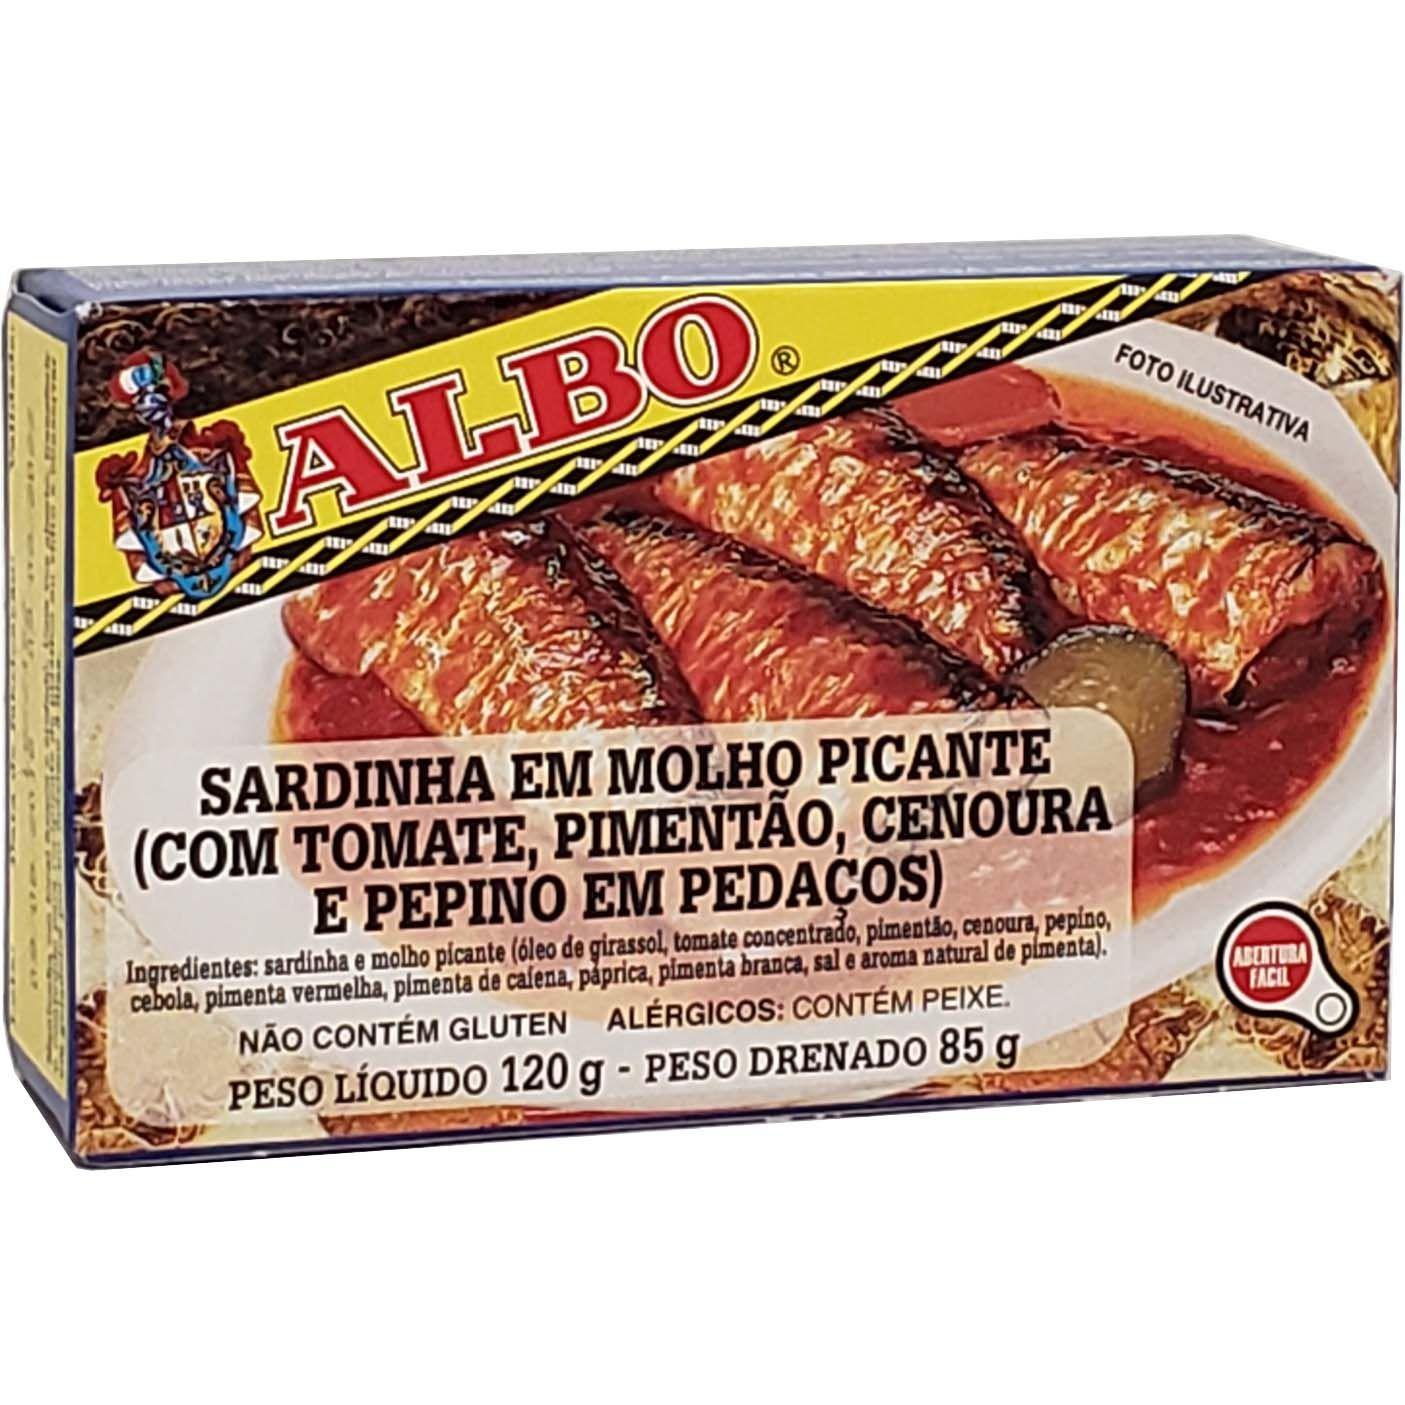 Sardinha Em Molho Picante Com Tomate, Pimentão, Cenoura e Pepino Em Pedaços Albo - 120g -